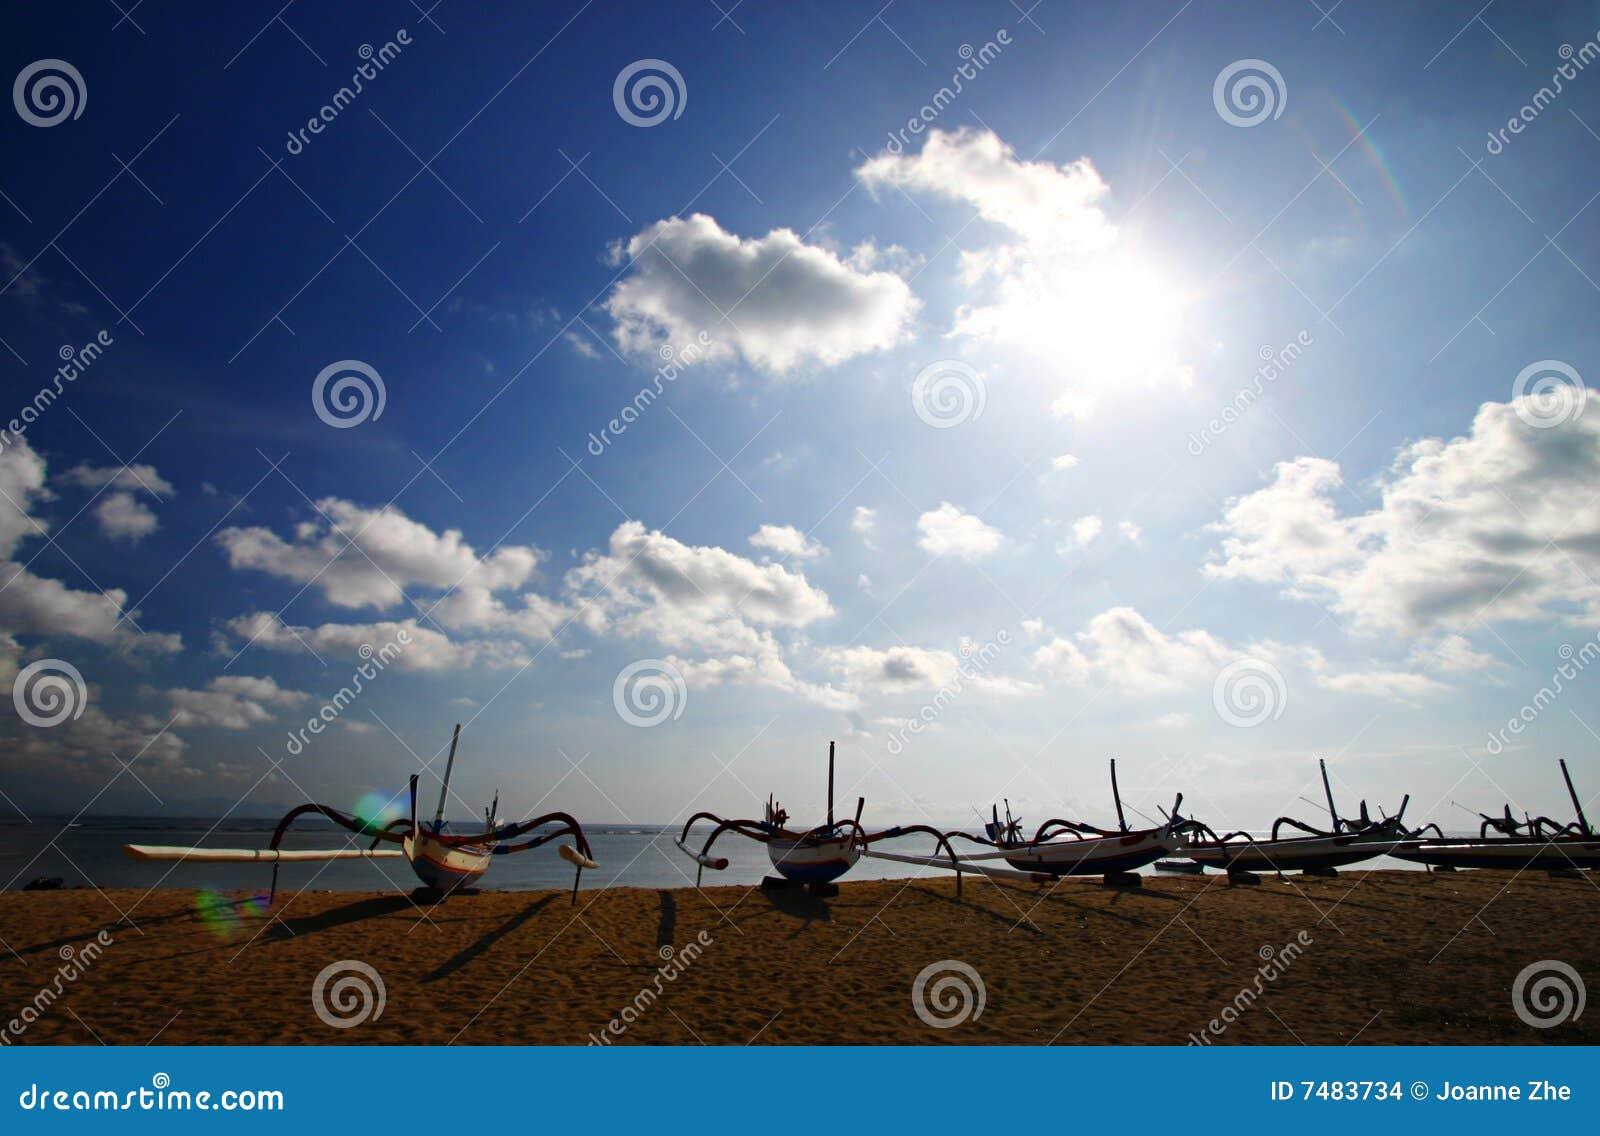 Barcos na praia de Bali